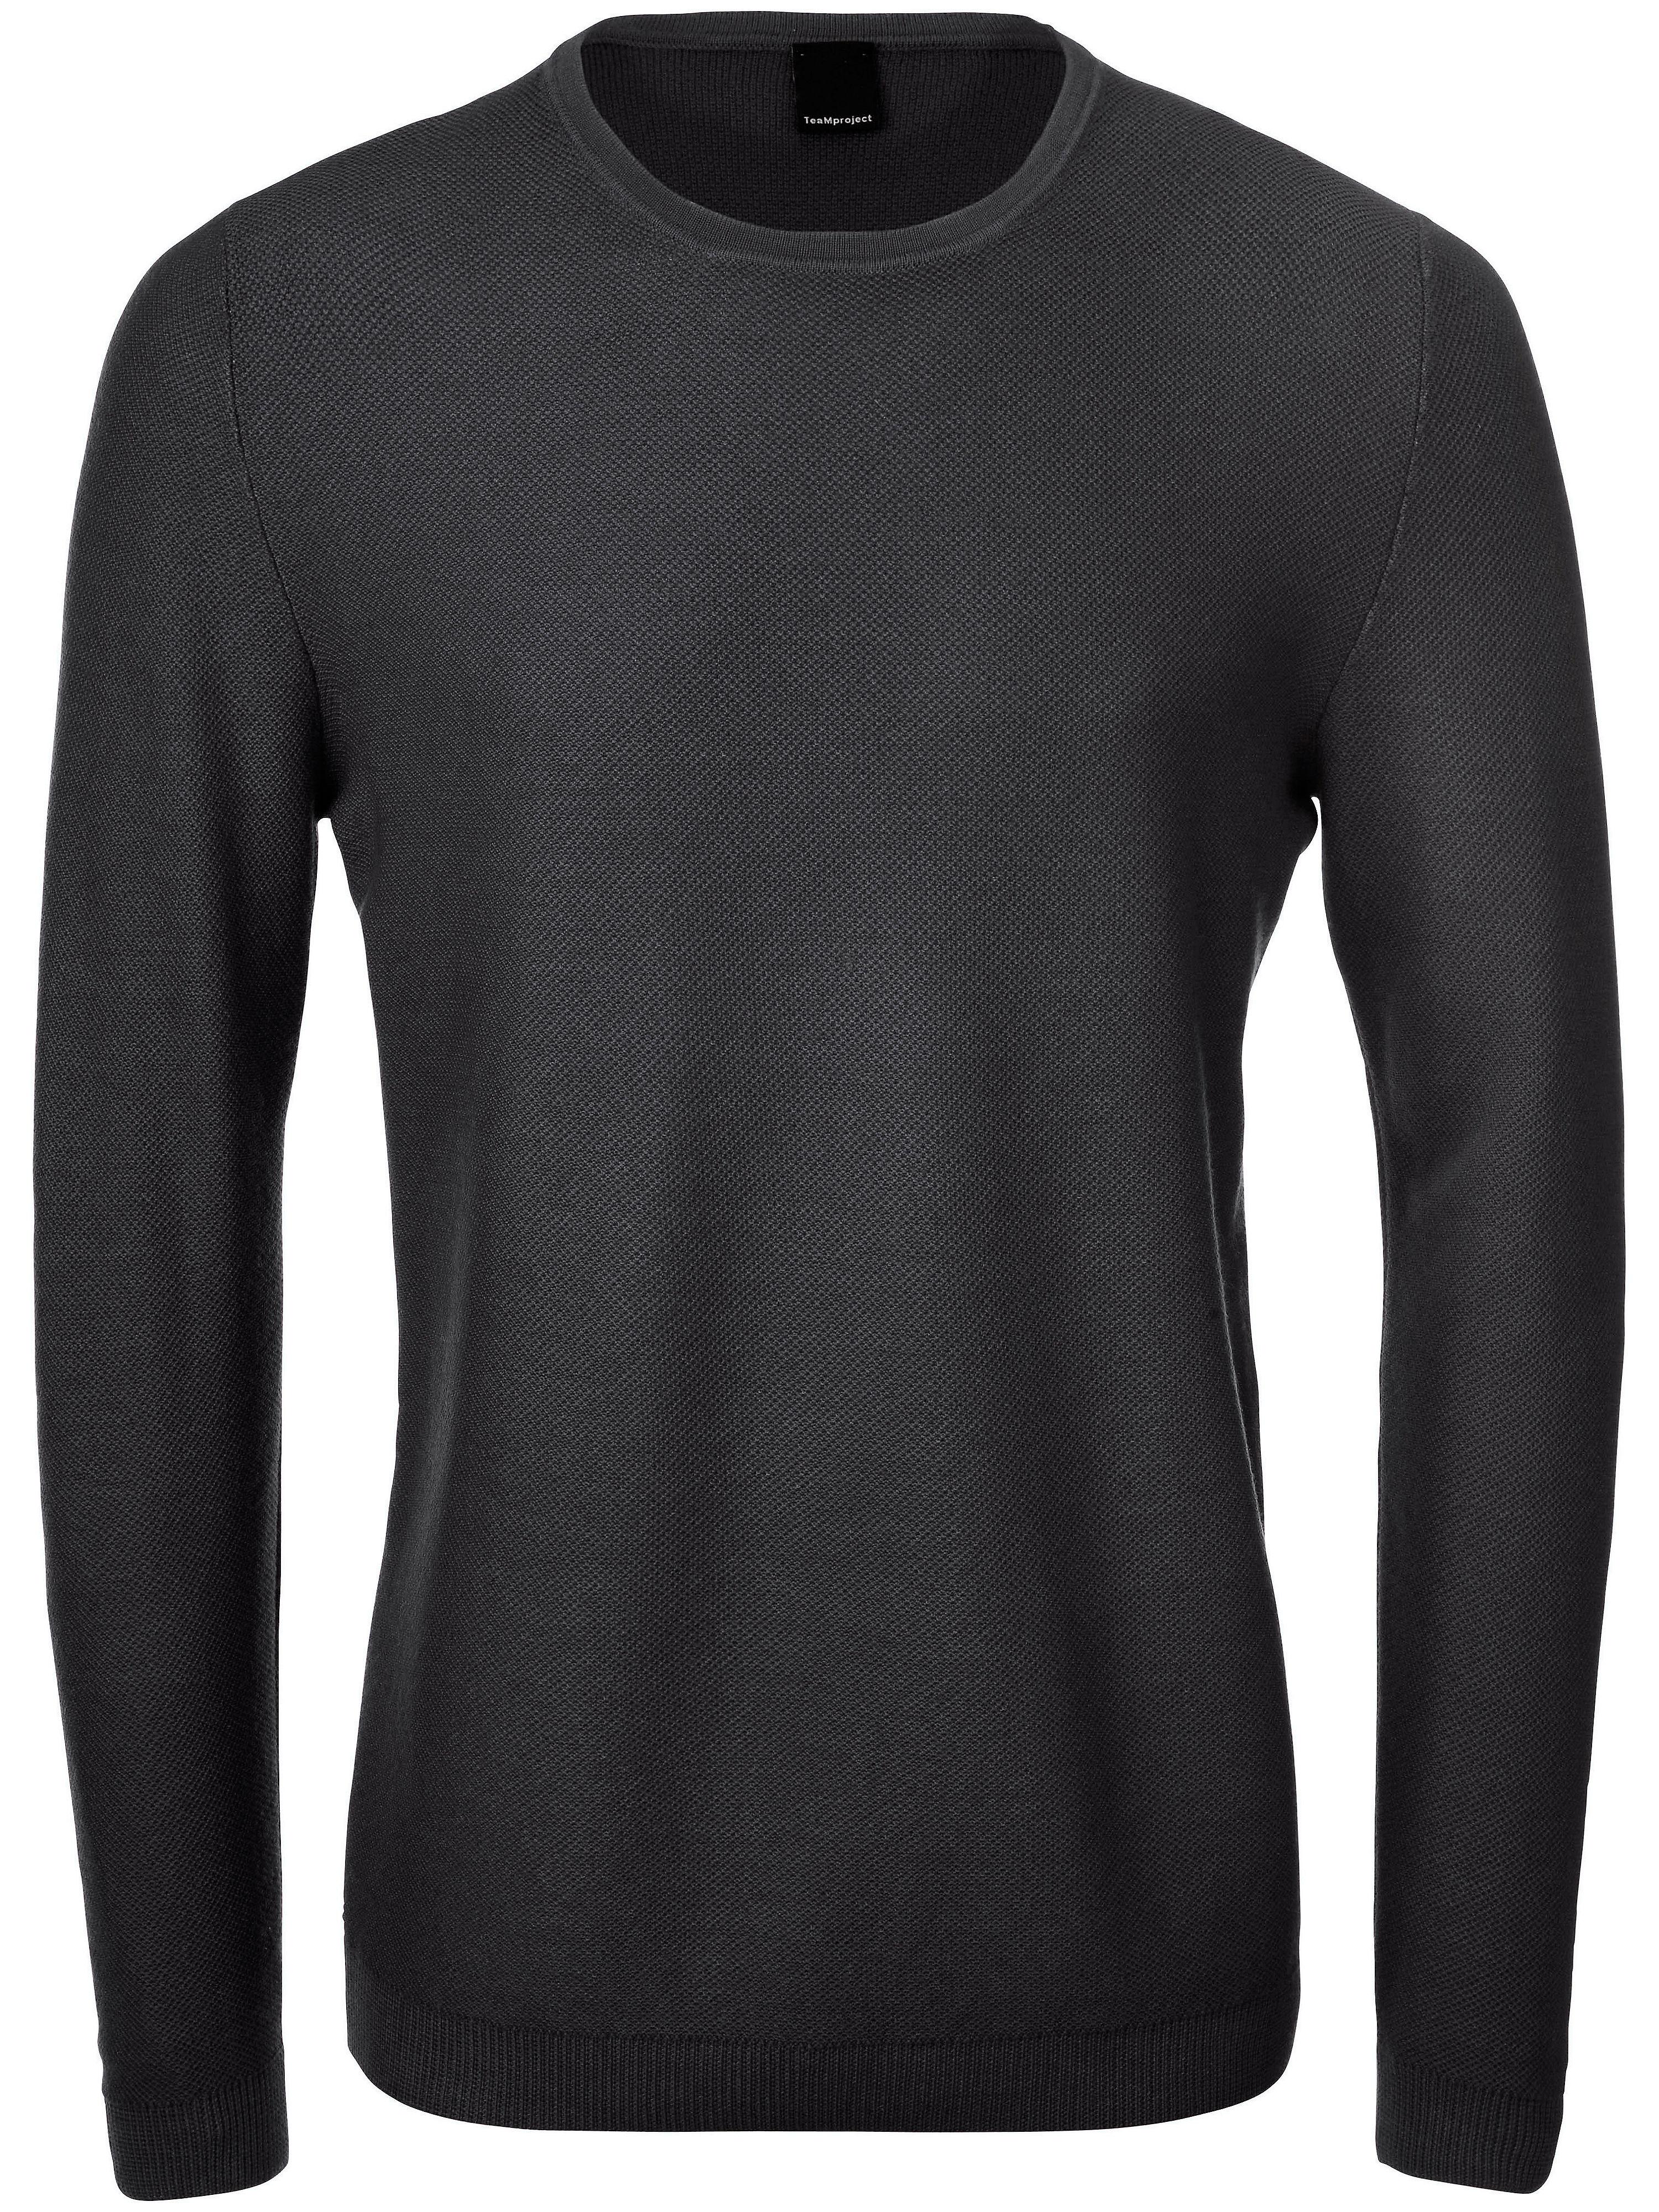 Image of   Bluse rund hals 100% ren ny uld Fra TEAMPROJECT grøn